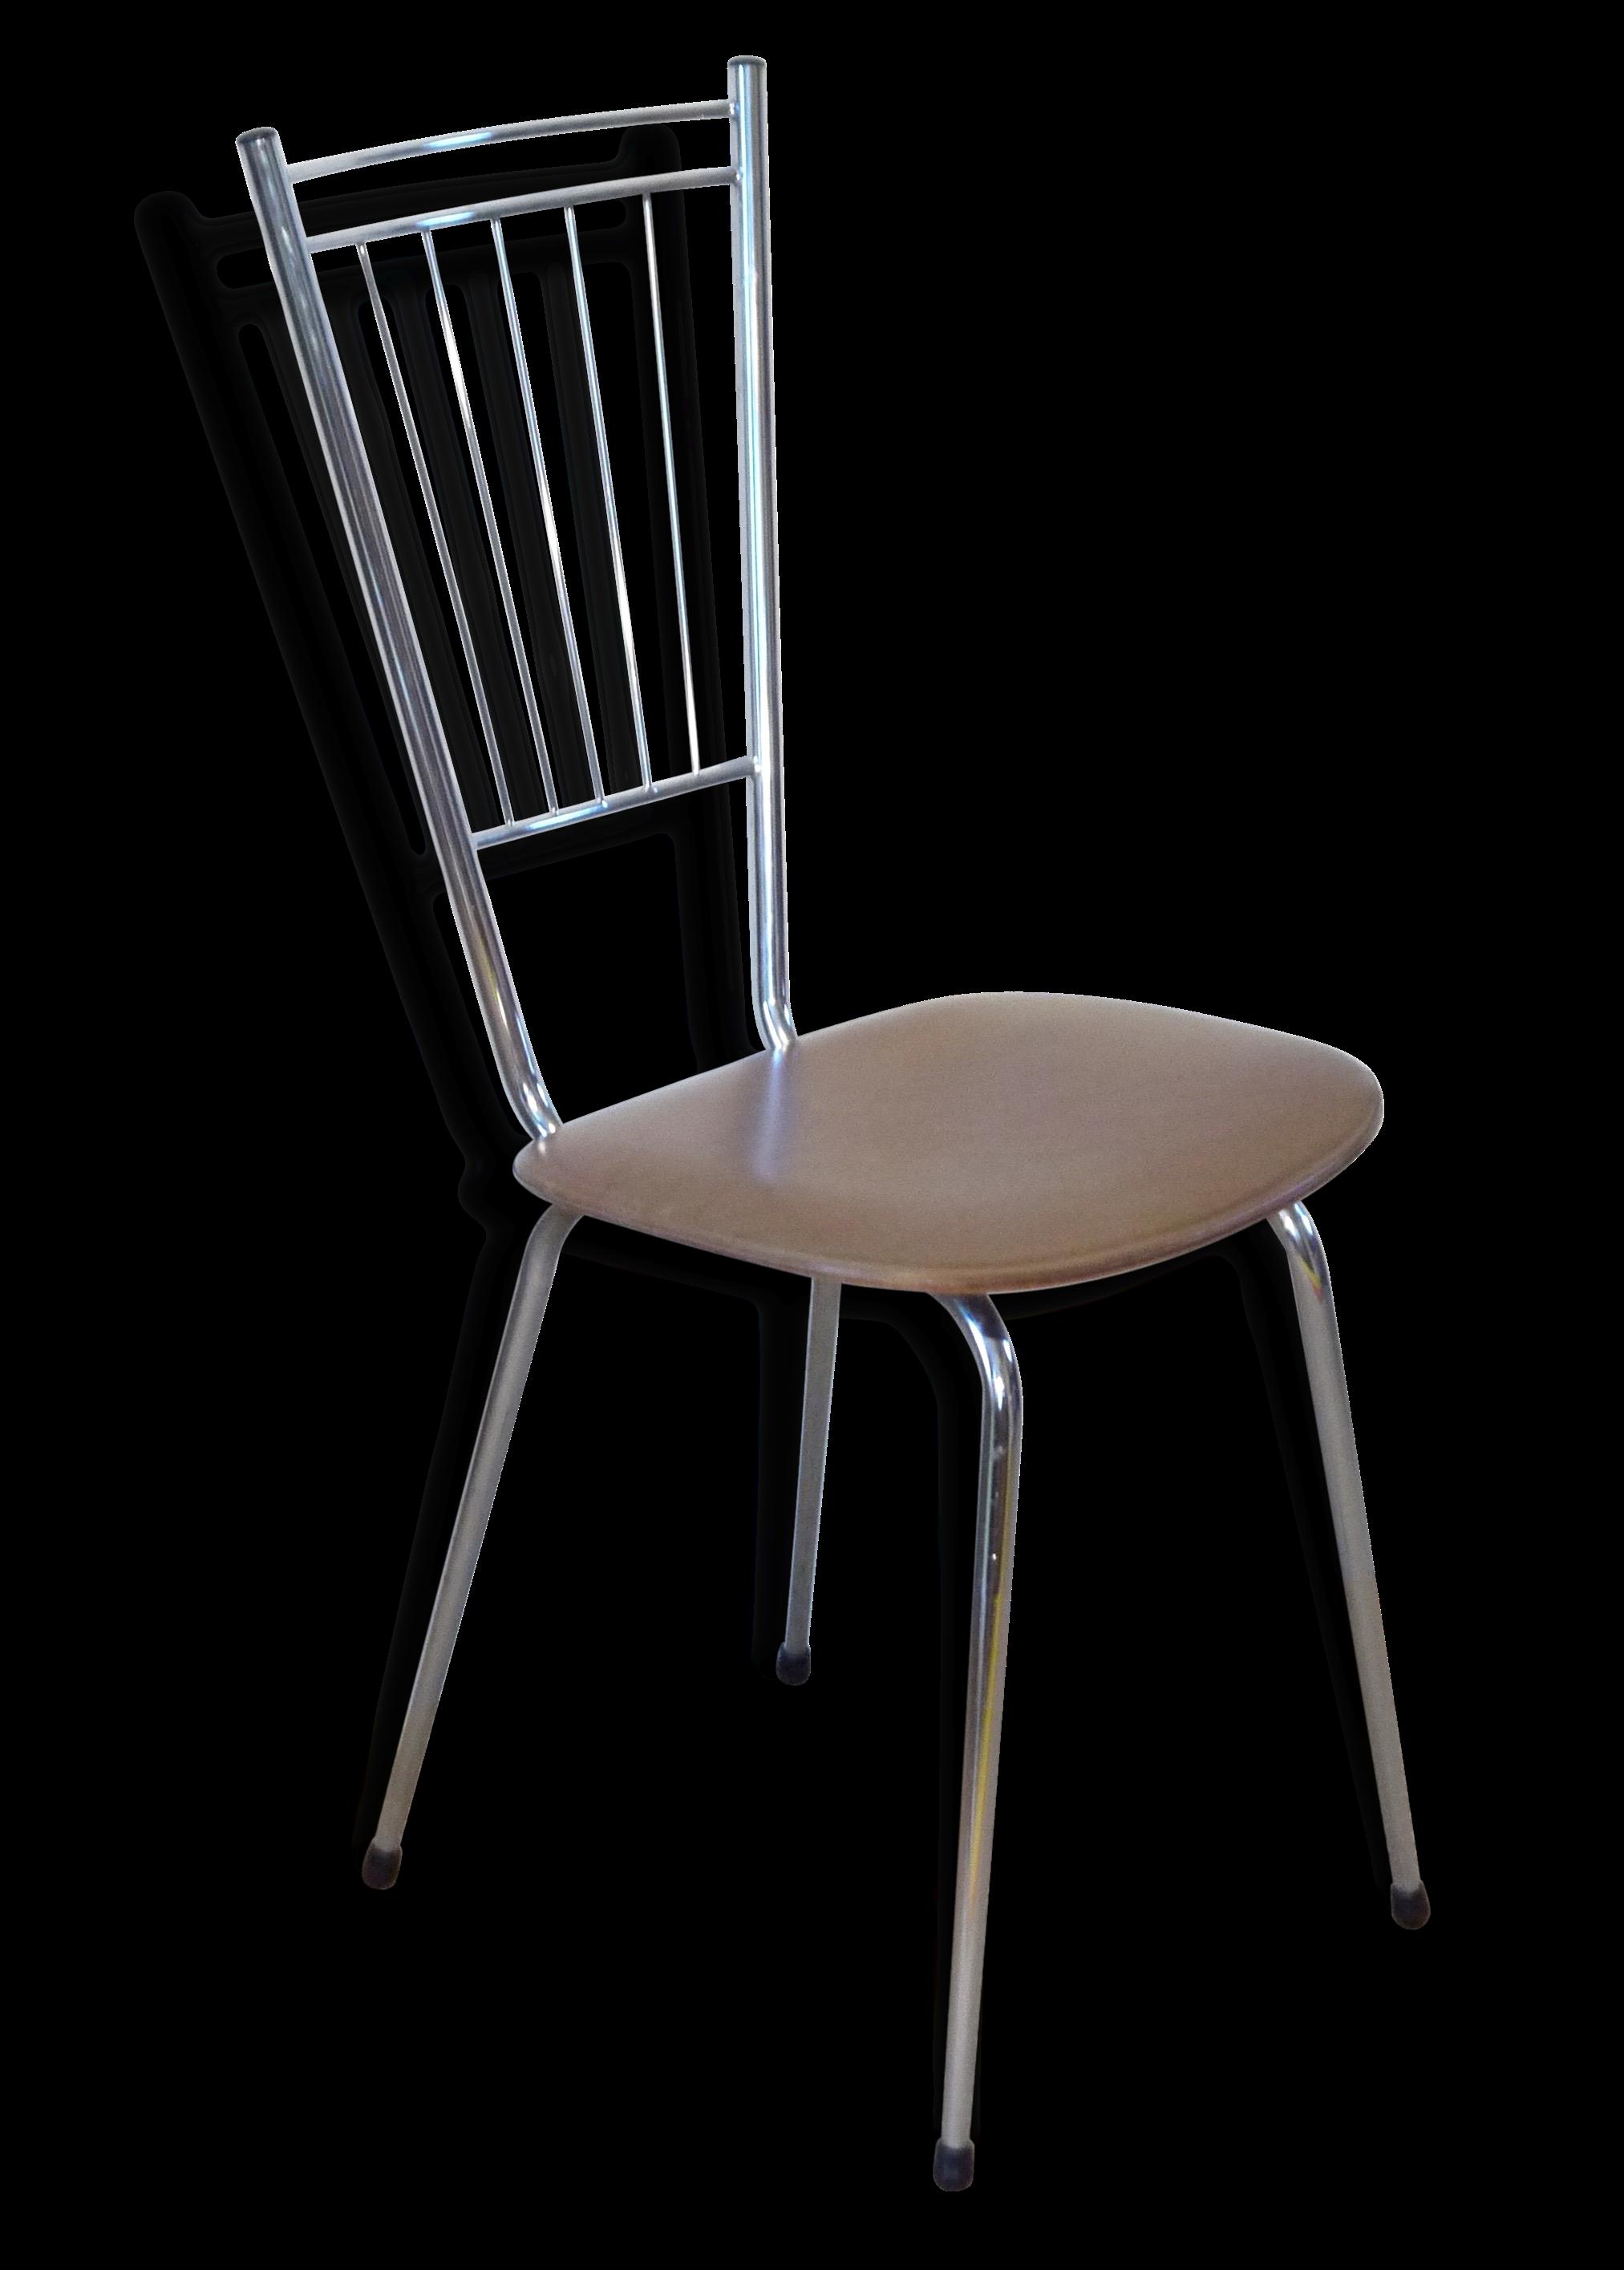 chaise-vintage-haut-dossier-en-metal-chrome-annees-60_original Meilleur De De Tabouret De Bar Sans Dossier Conception